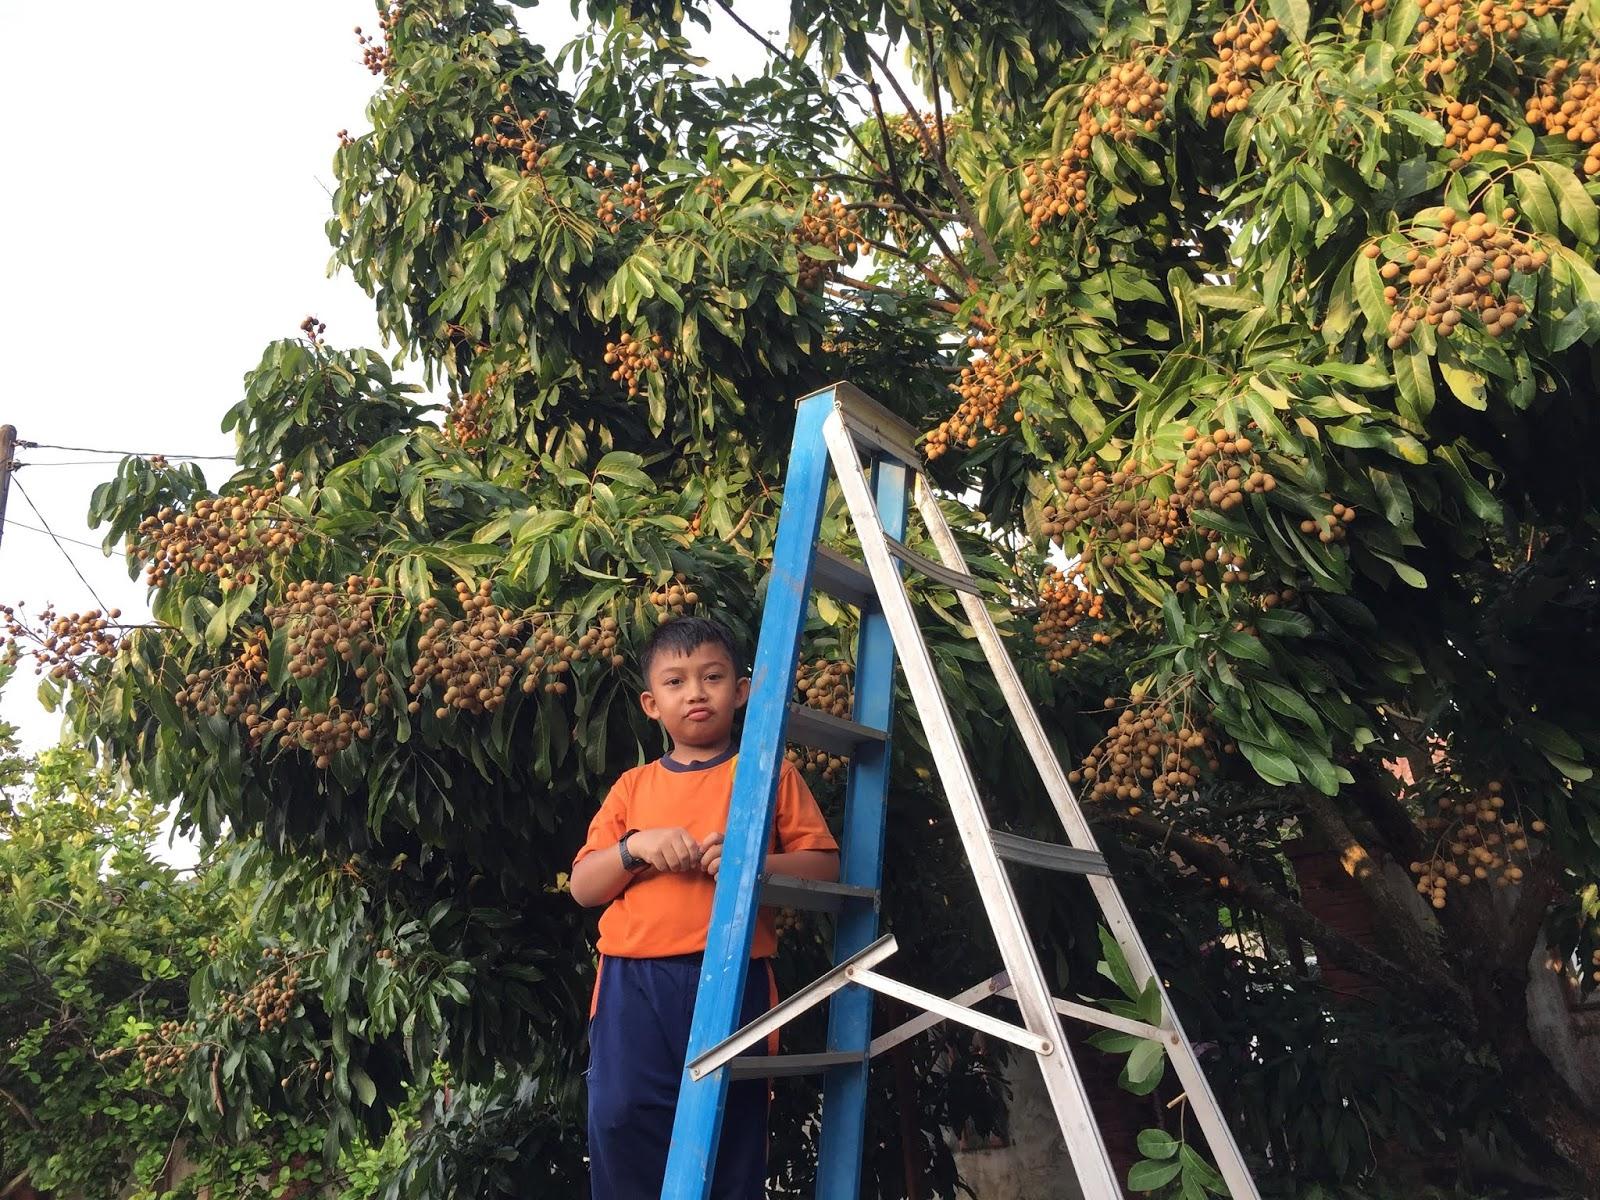 longan atau mata kucing,port lepak, kutip buah-buahan, longan brazil, longan ping pong